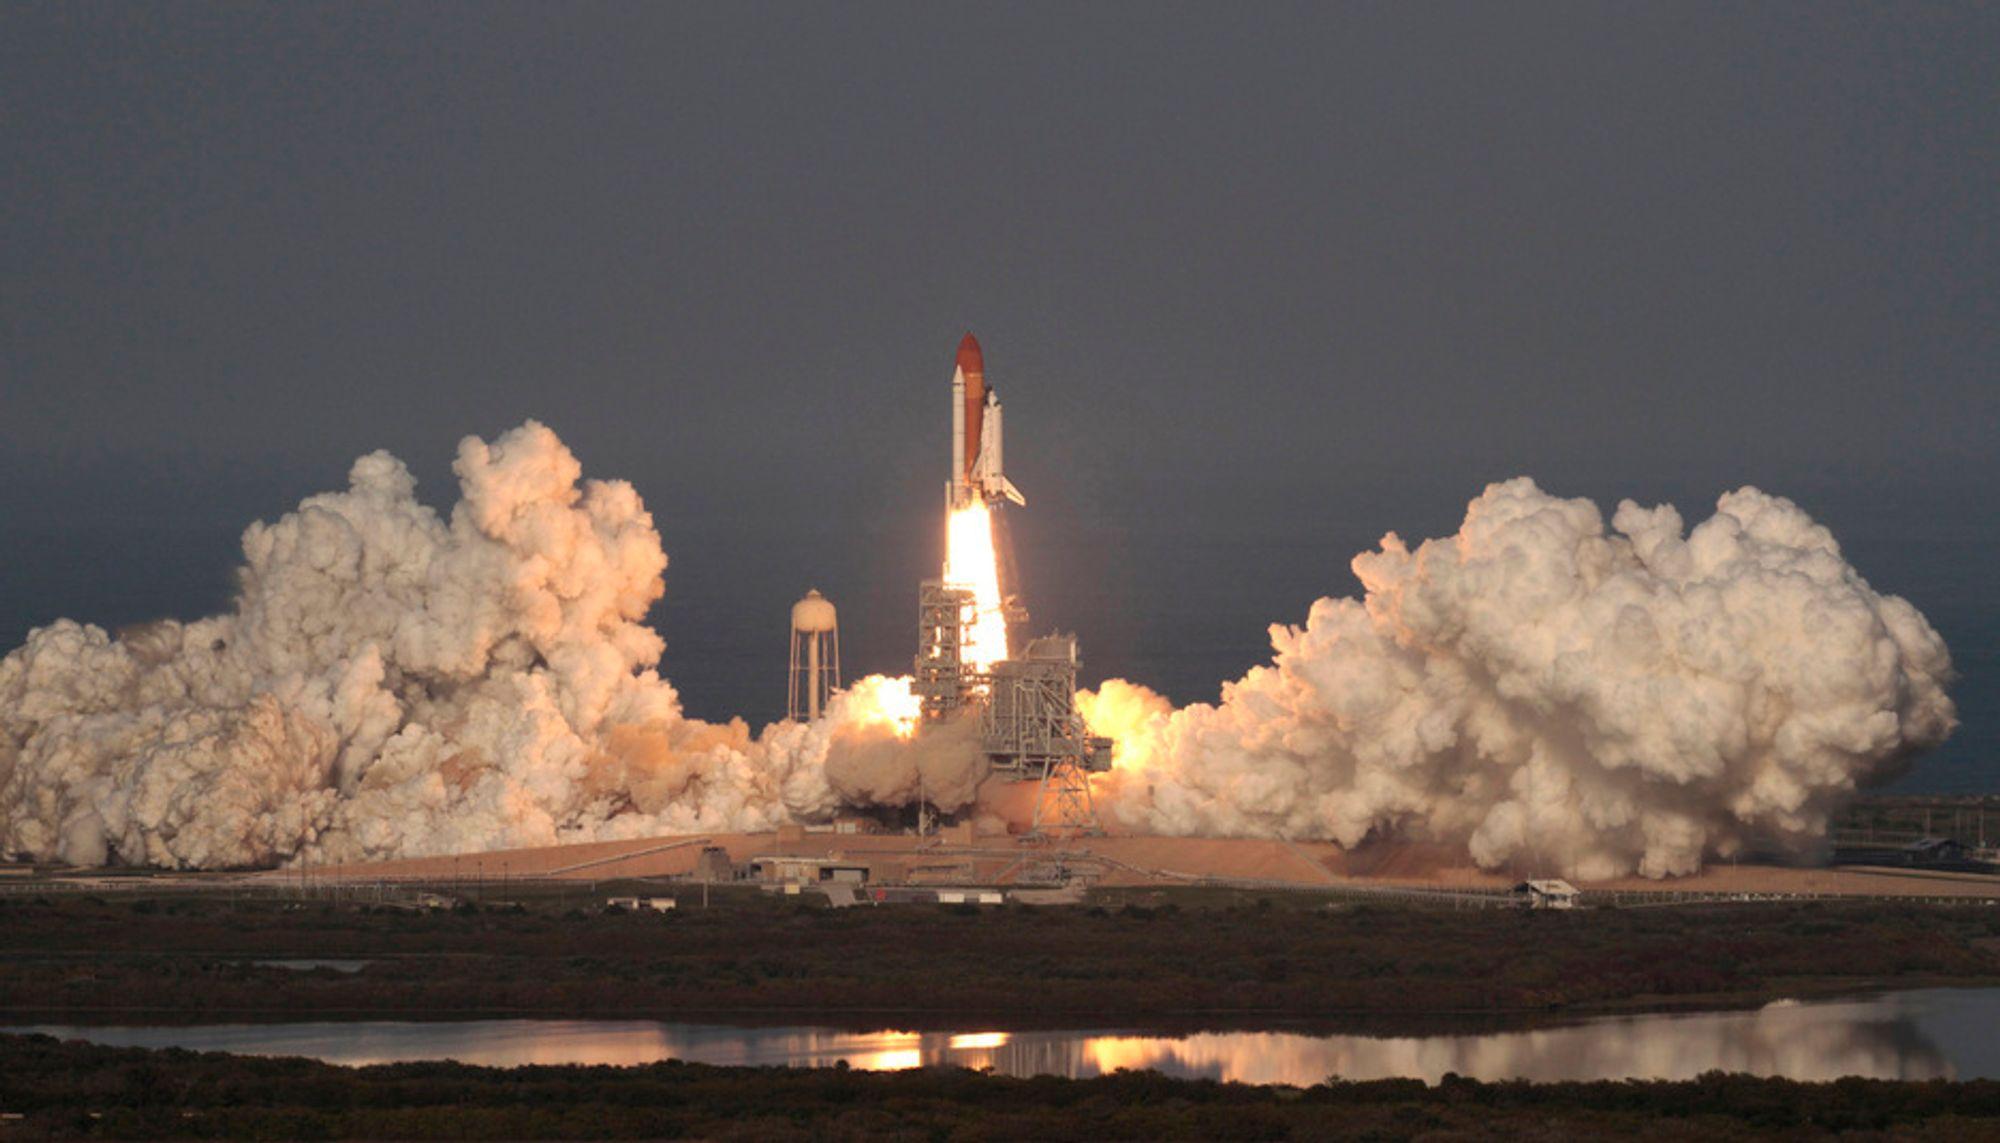 SISTE REIS: Romferja Discovery ble skutt opp for siste gang fra Kennedy romfartssenter i Florida torsdag.